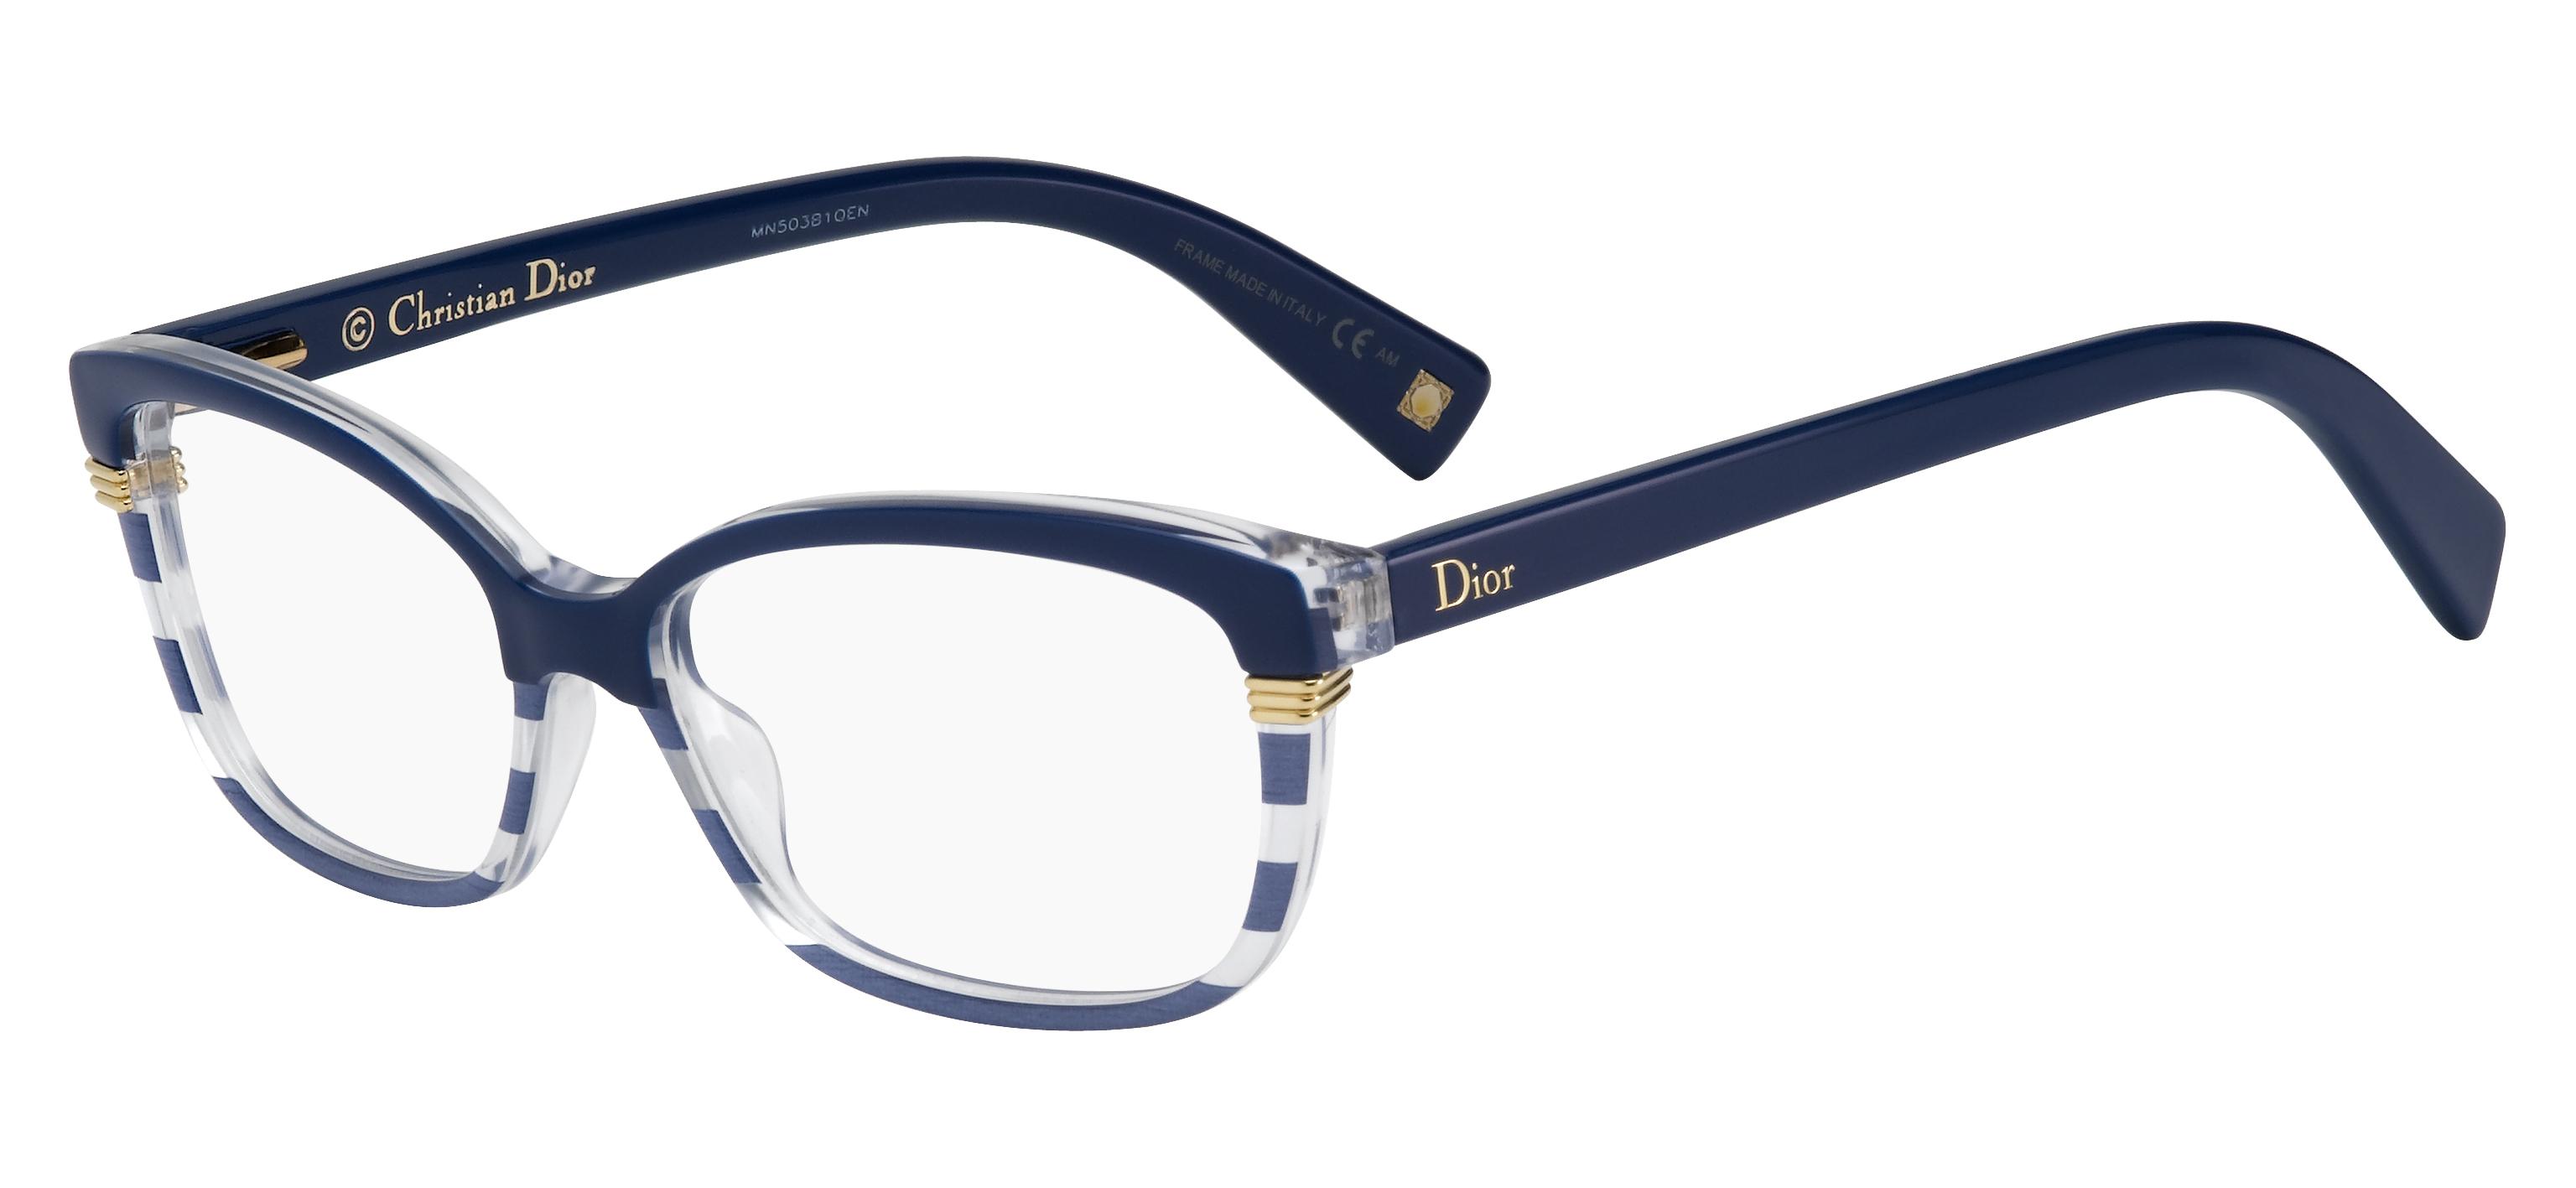 Γυαλιά ηλίου Crpoisette Dior! Δες τη νέα συλλογή.. - TLIFE 2e65f625a8b